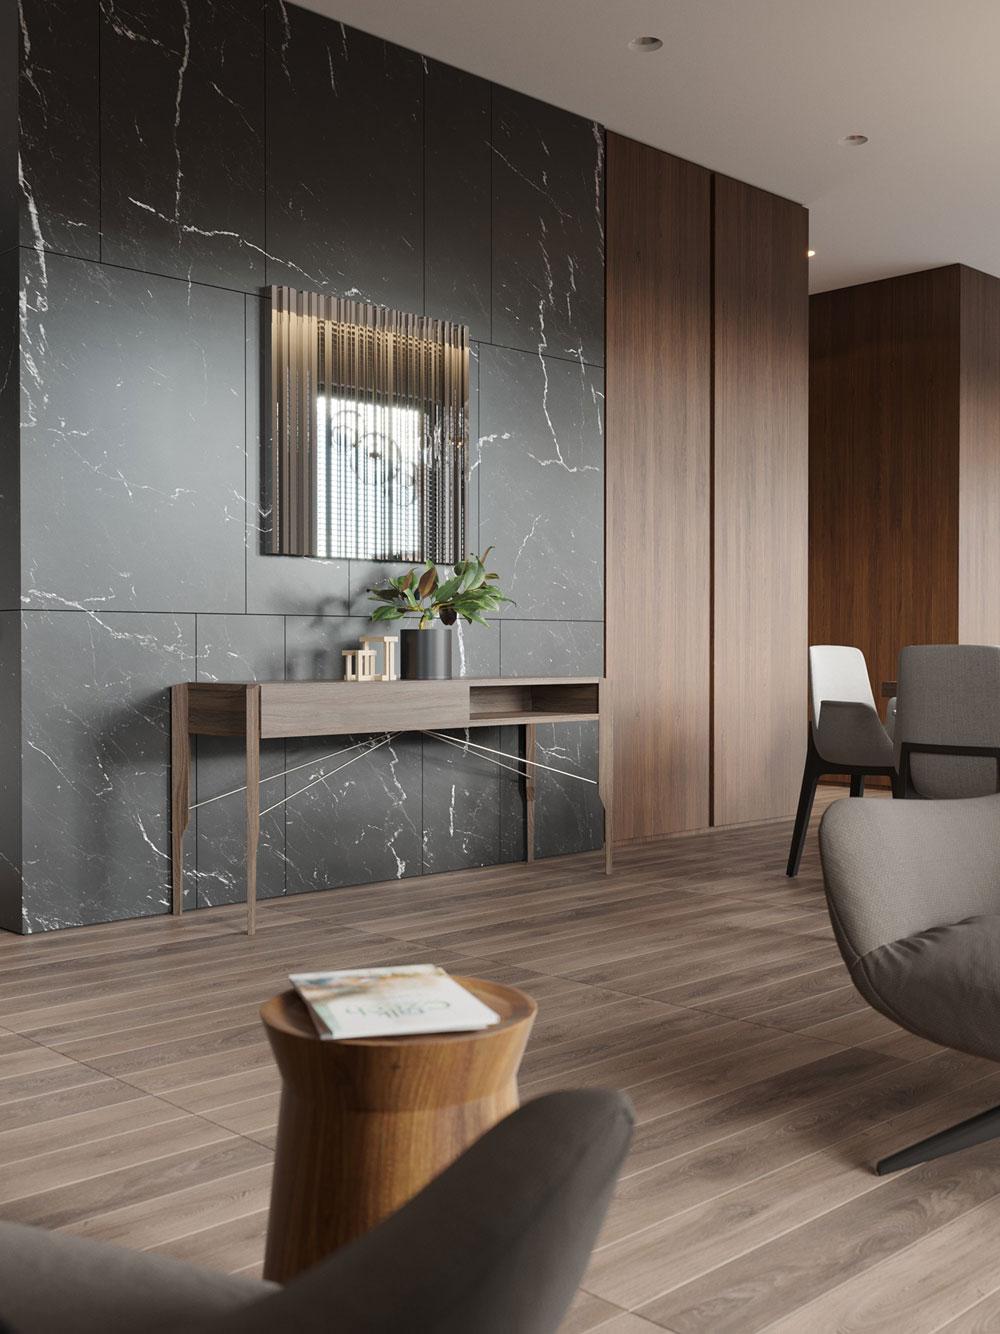 thiết kế nội thất chung cư cao cấp ảnh 3